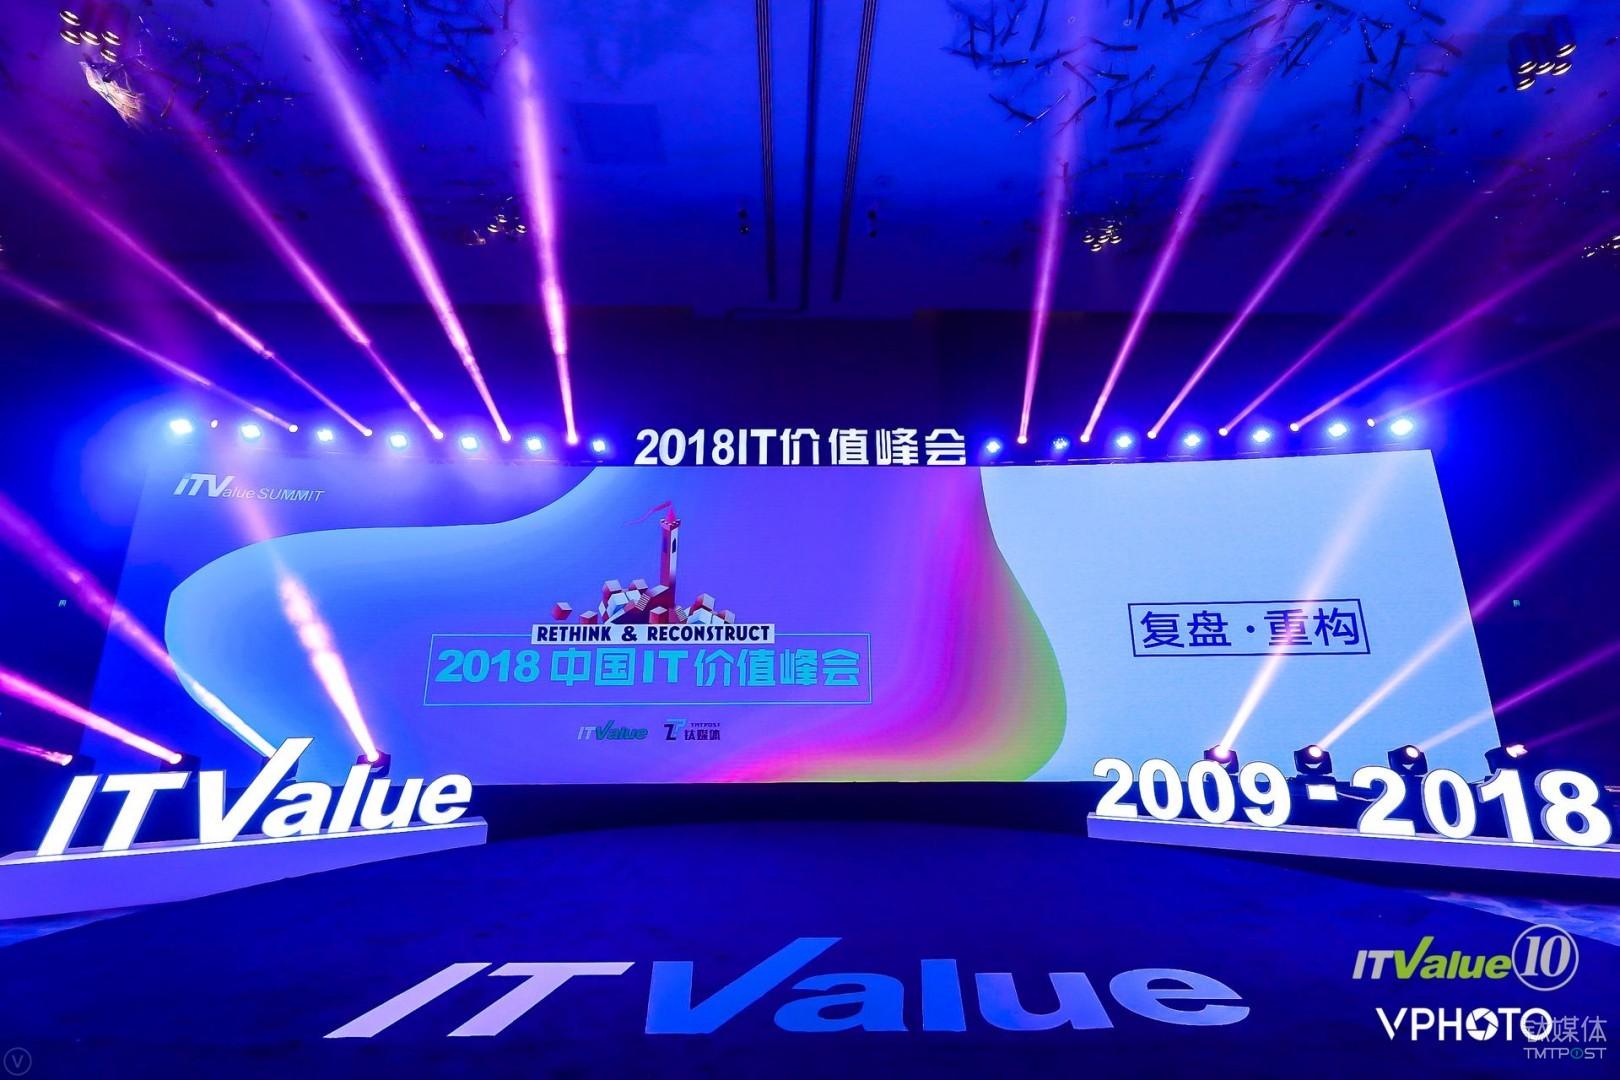 第十届中国IT价值峰会今天在三亚隆重开幕